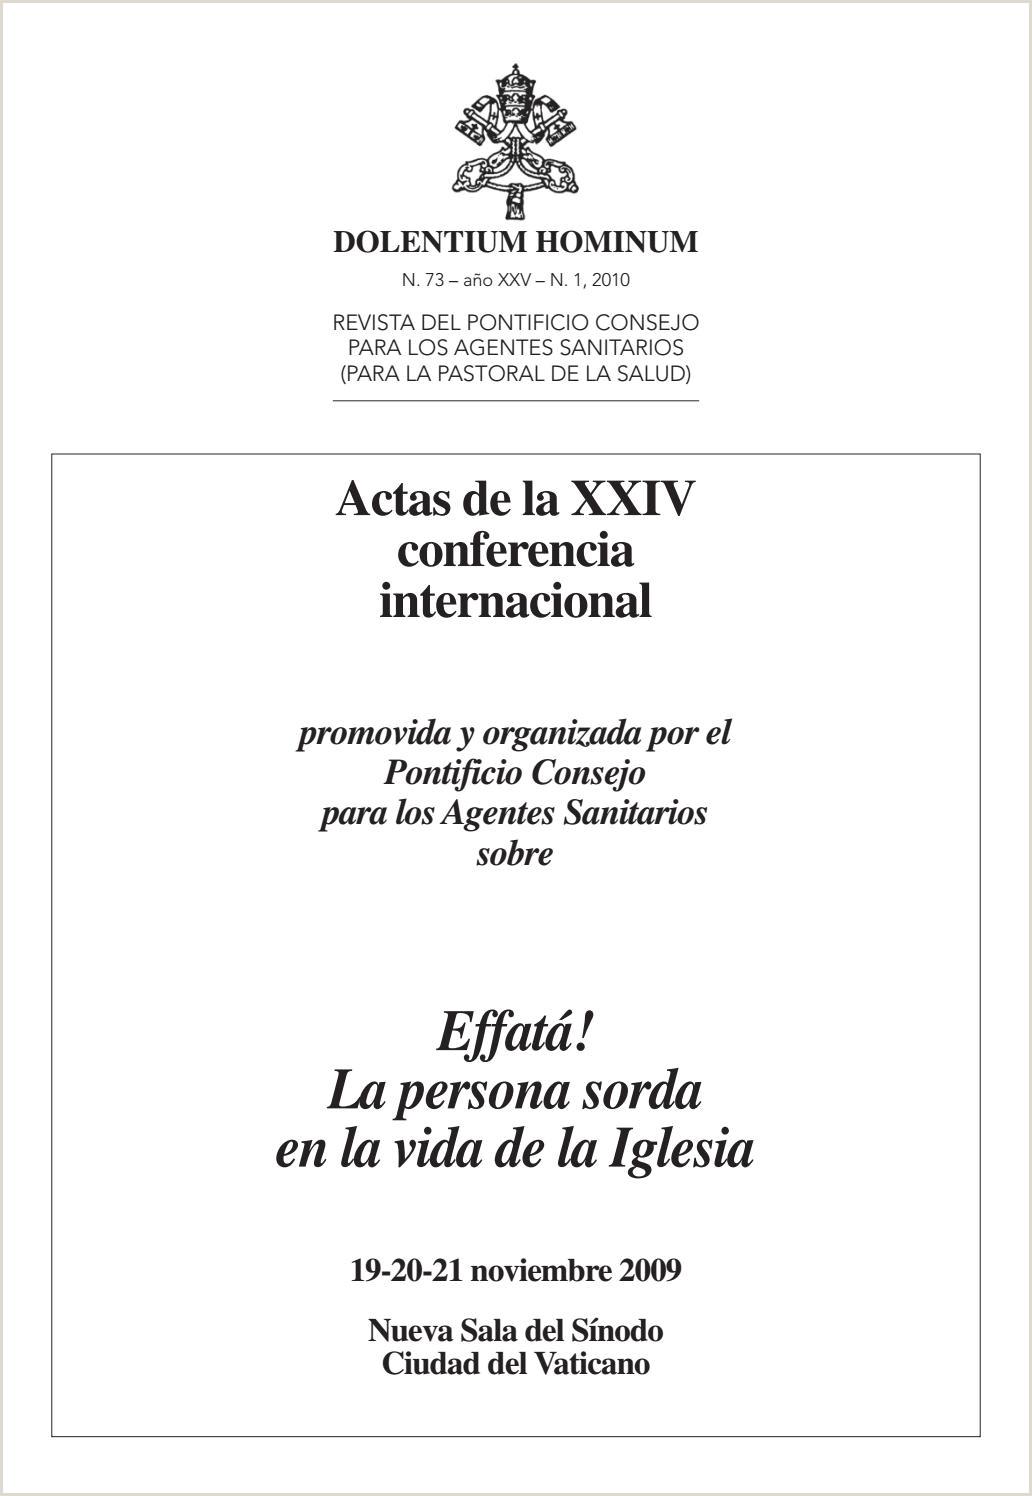 Conferencia Internacional la Persona Sorda en la vida de la